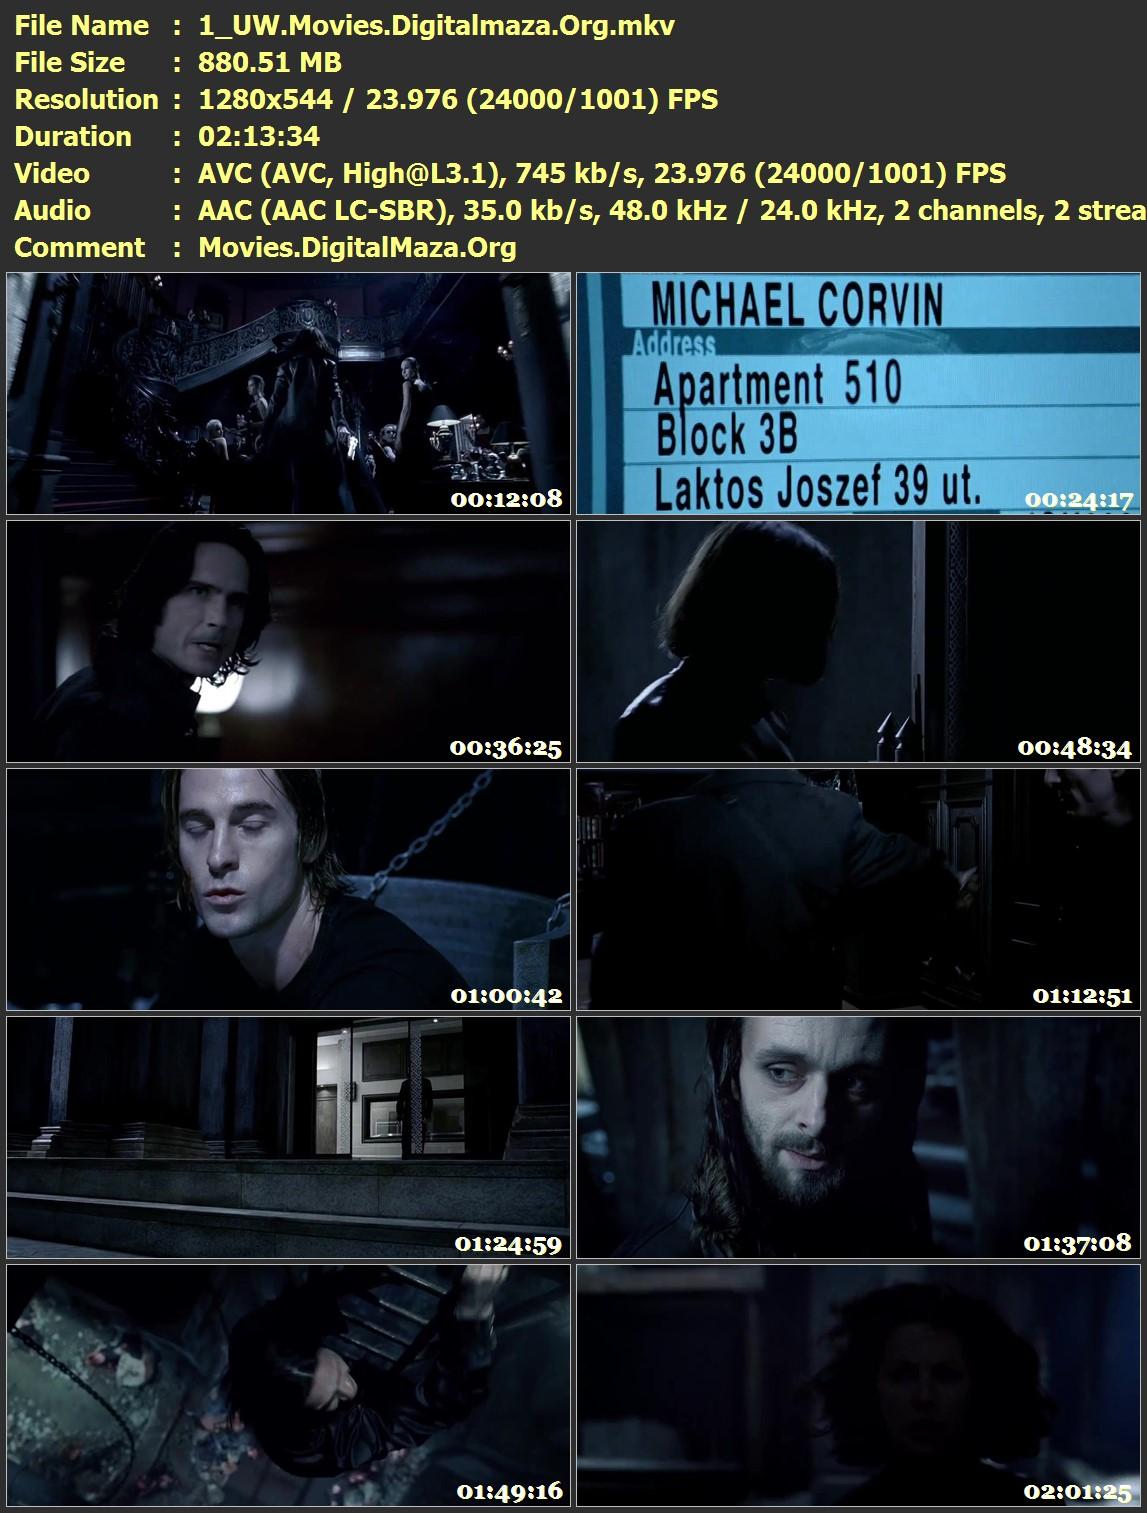 https://image.ibb.co/i65yfx/1_UW_Movies_Digitalmaza_Org_mkv.jpg